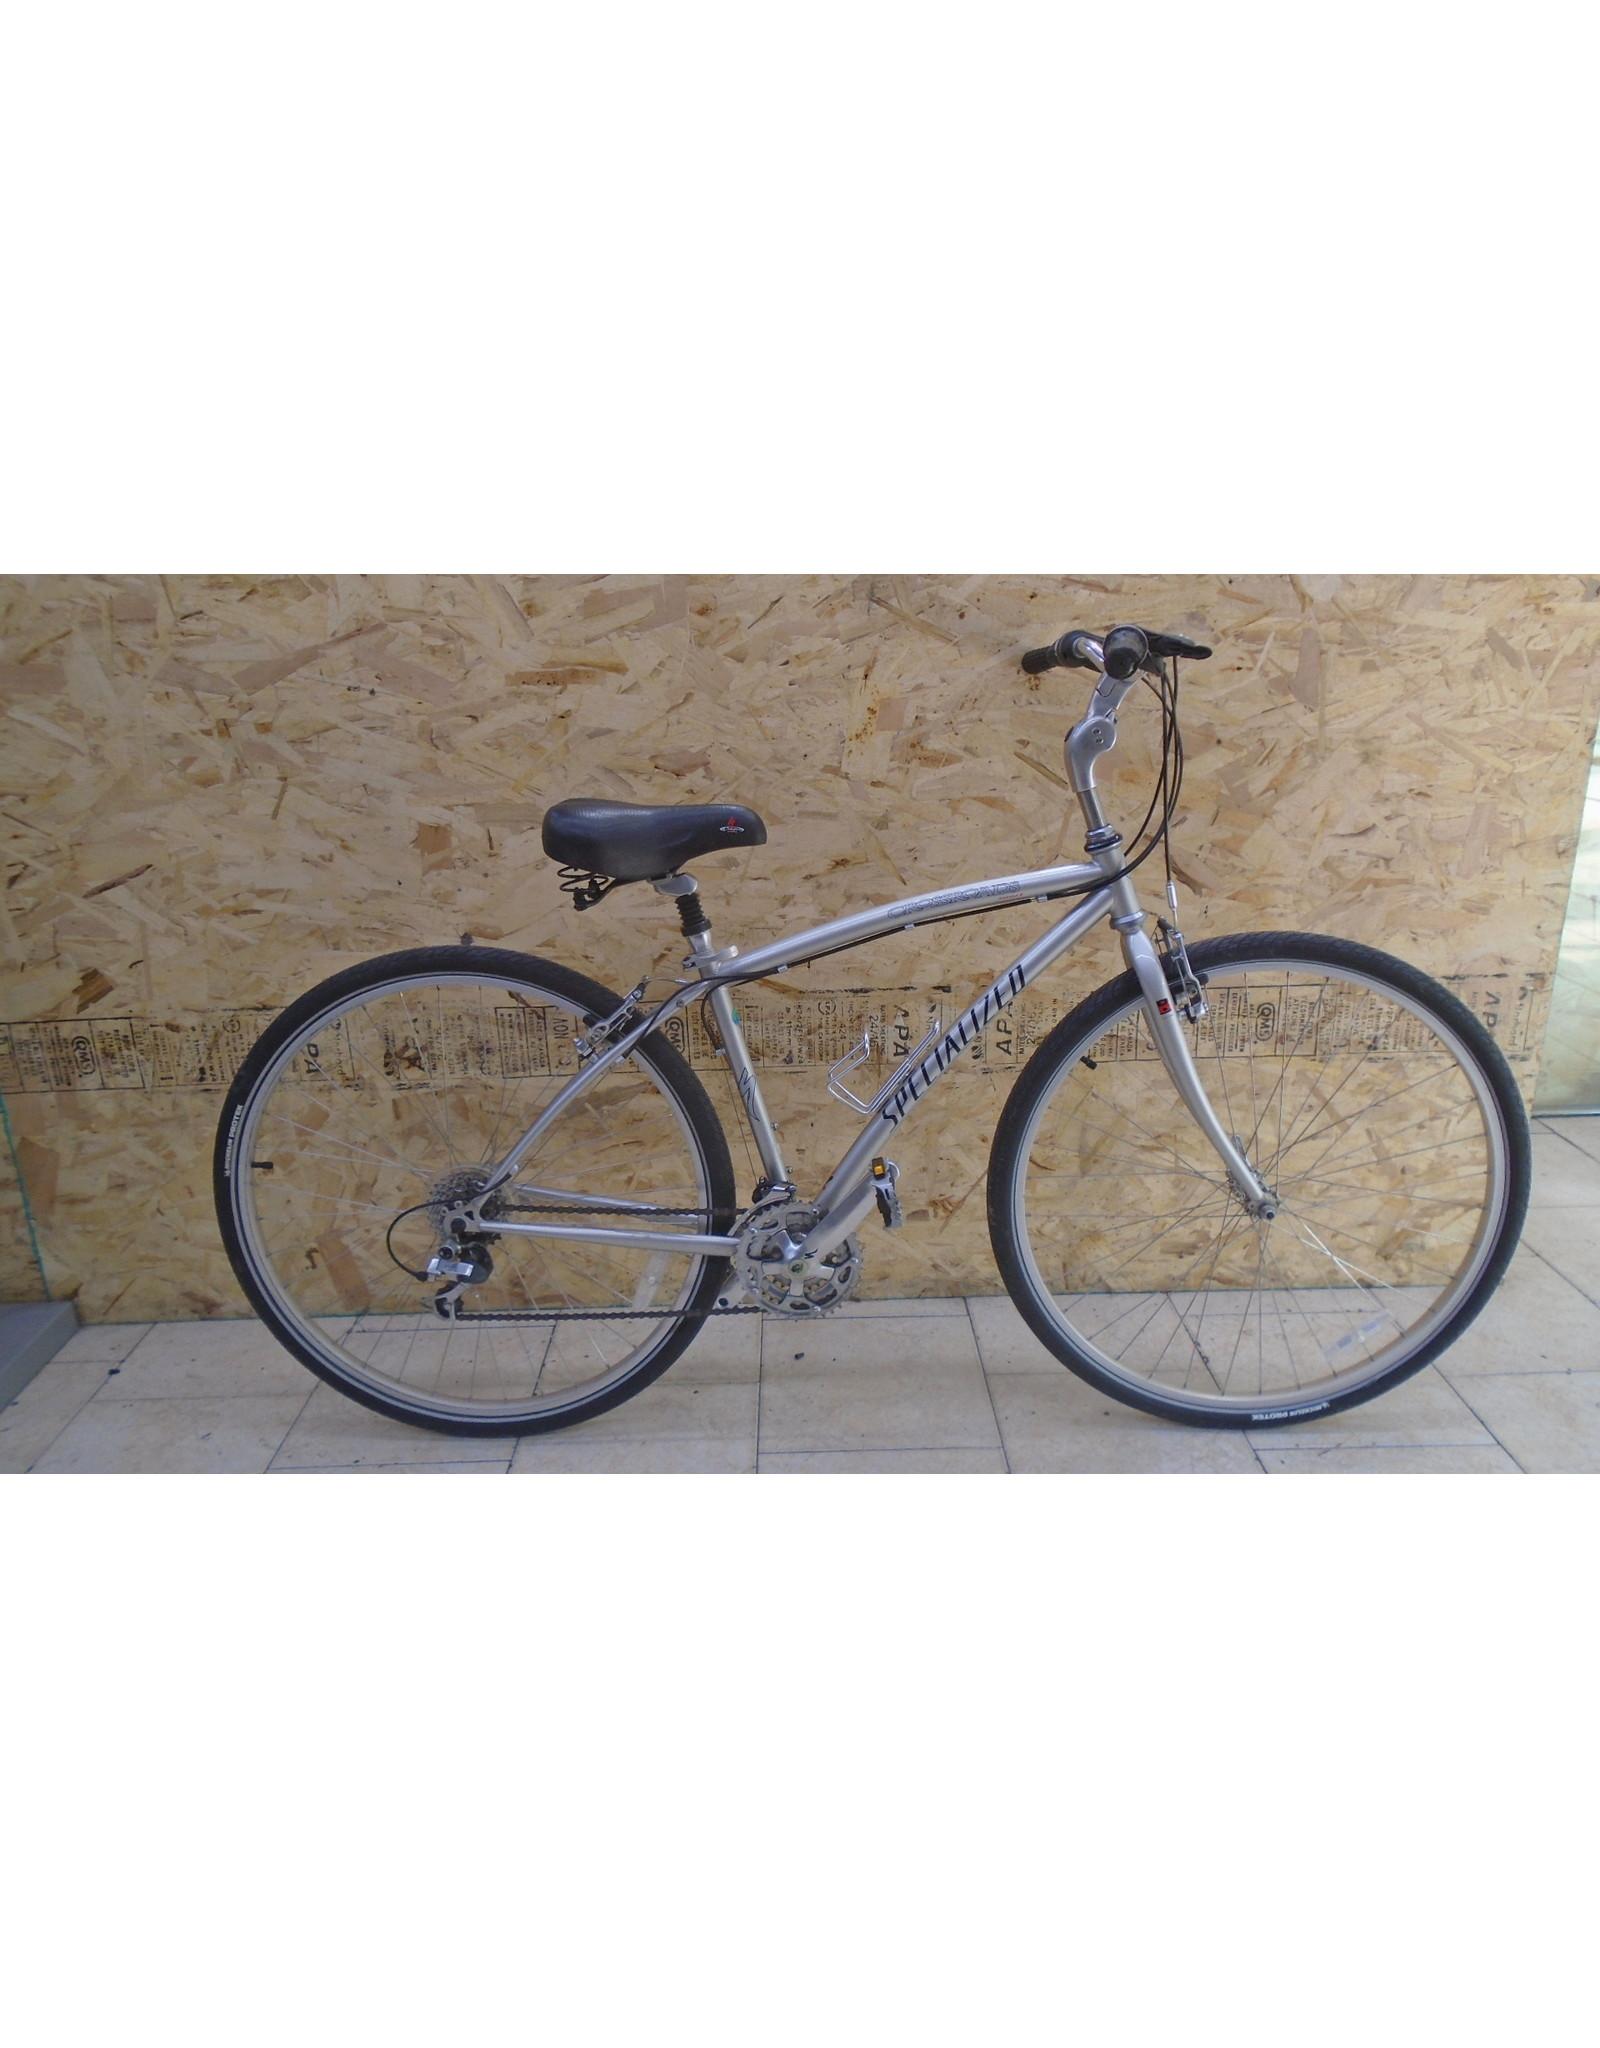 """Specialized 16.5 """"Hybrid Used Bike - 10093"""